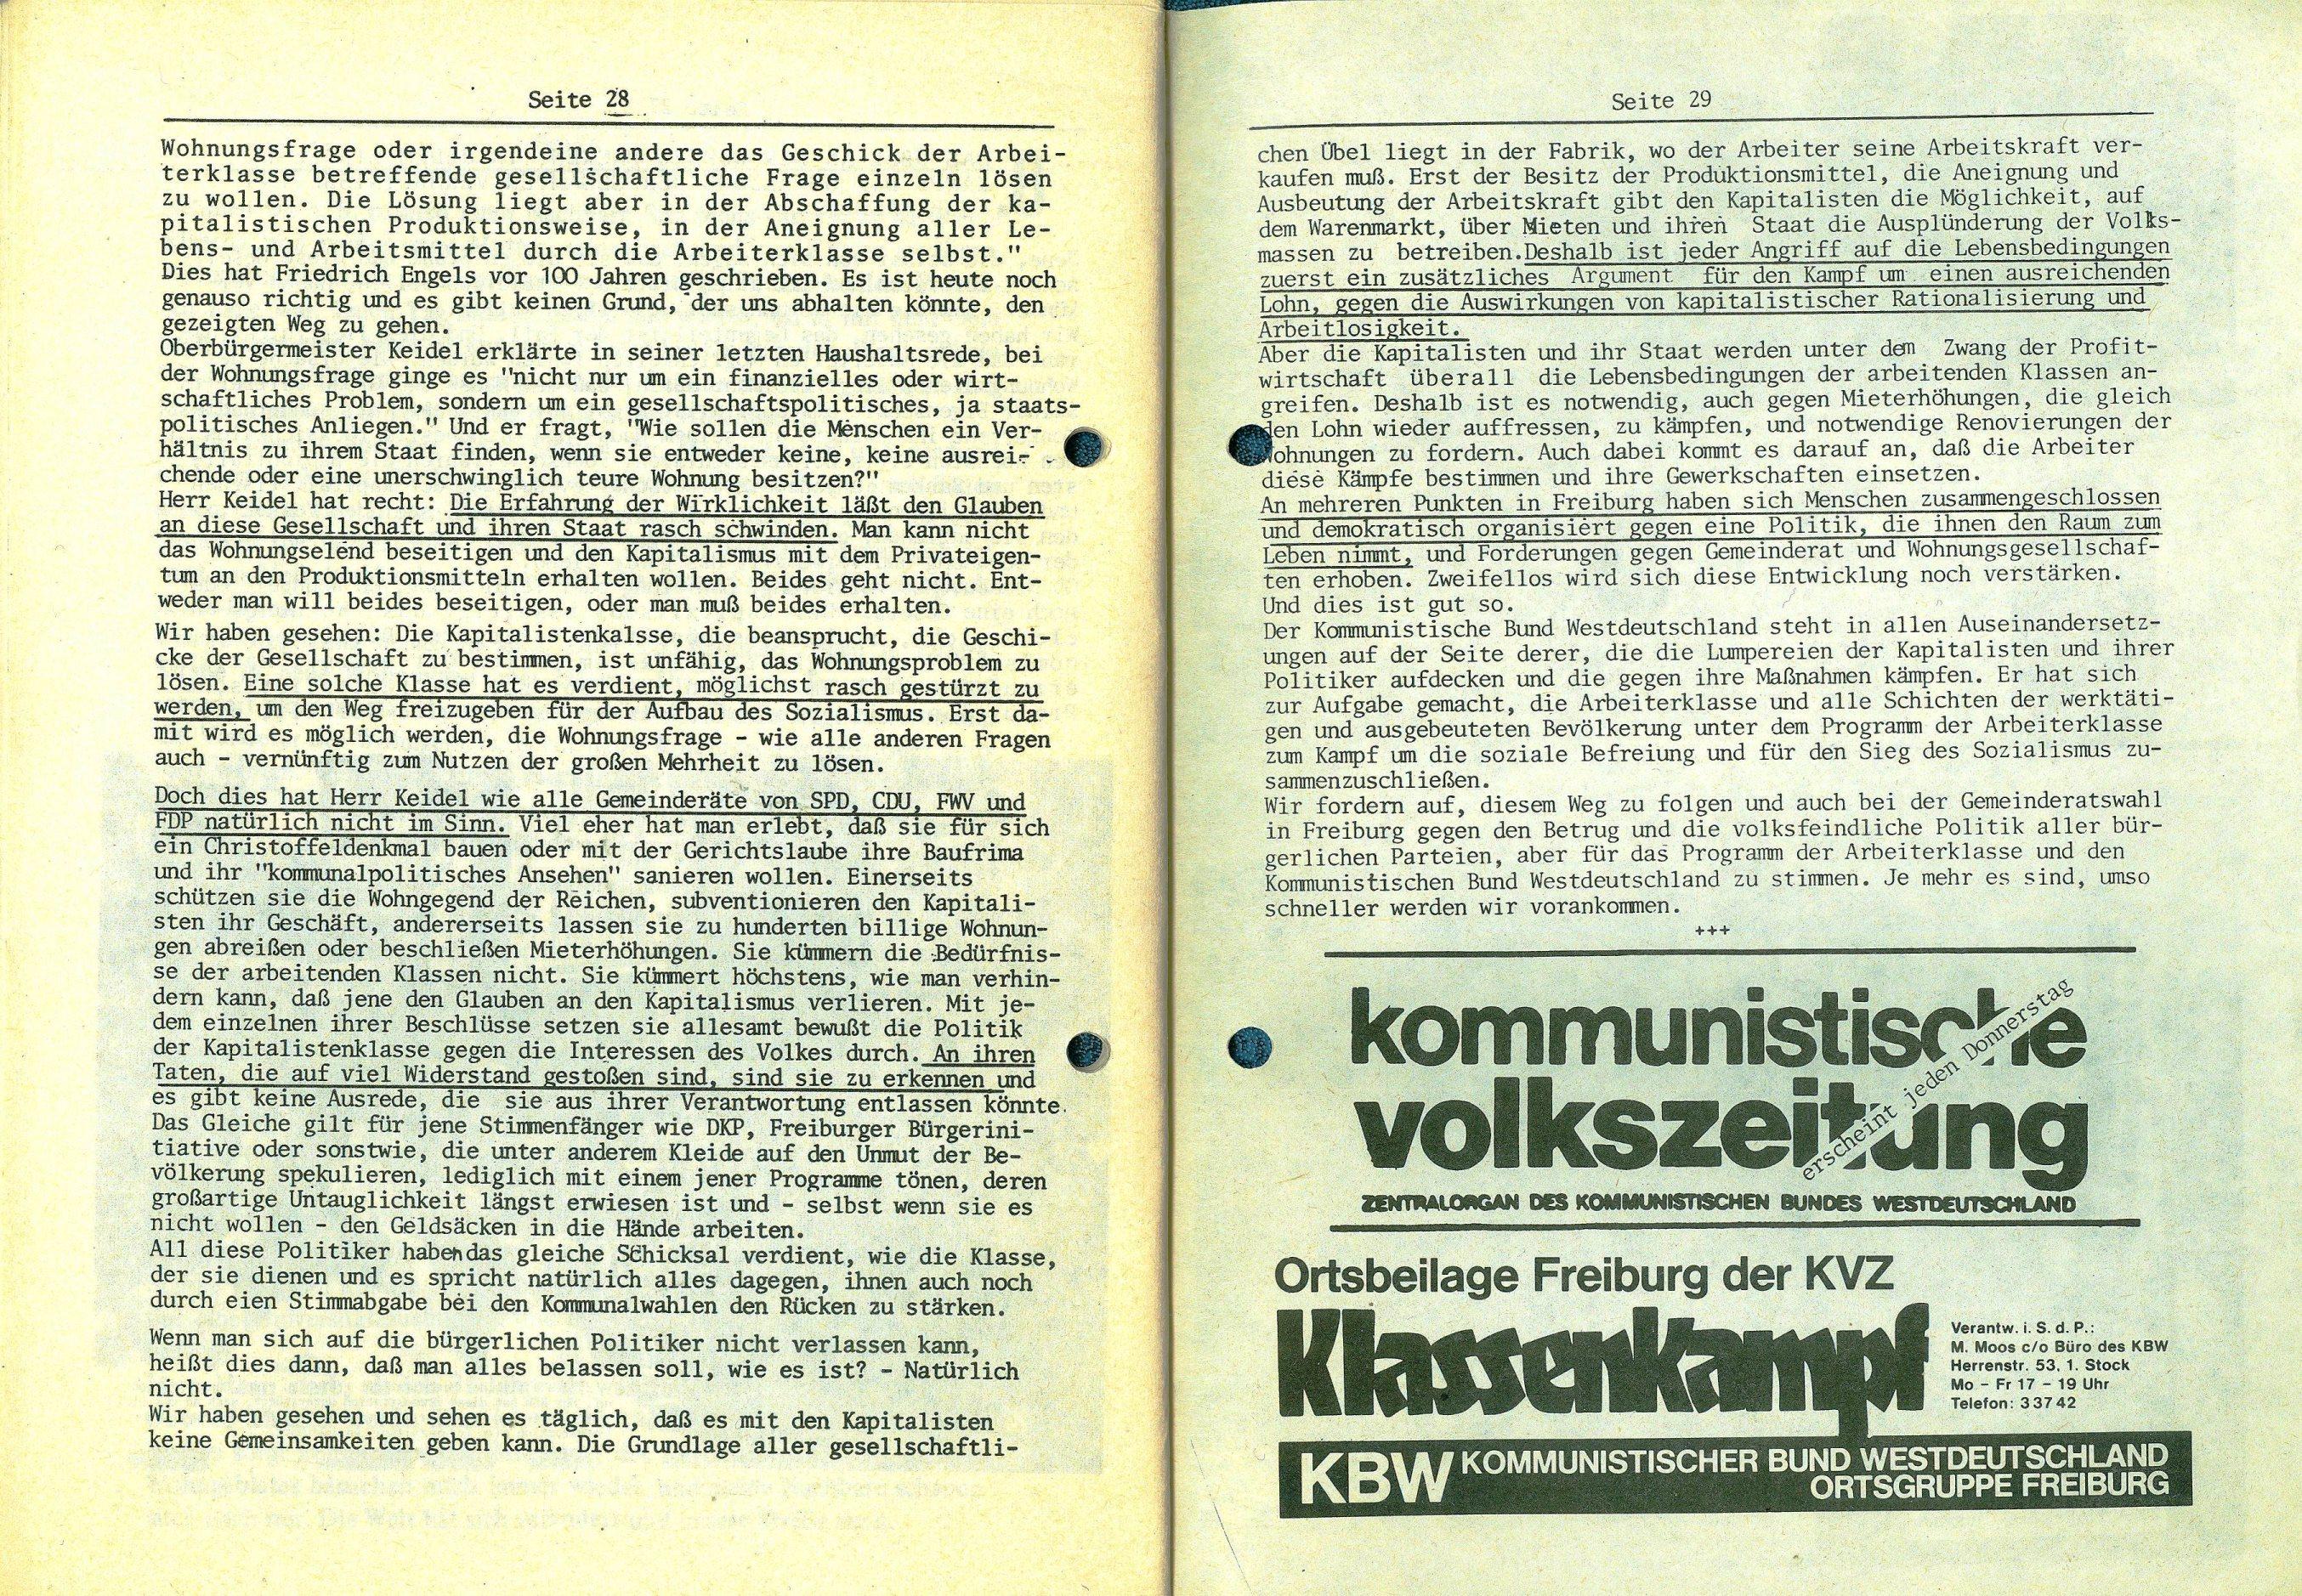 Freiburg_KBW_1975_Gemeinderatswahlen015